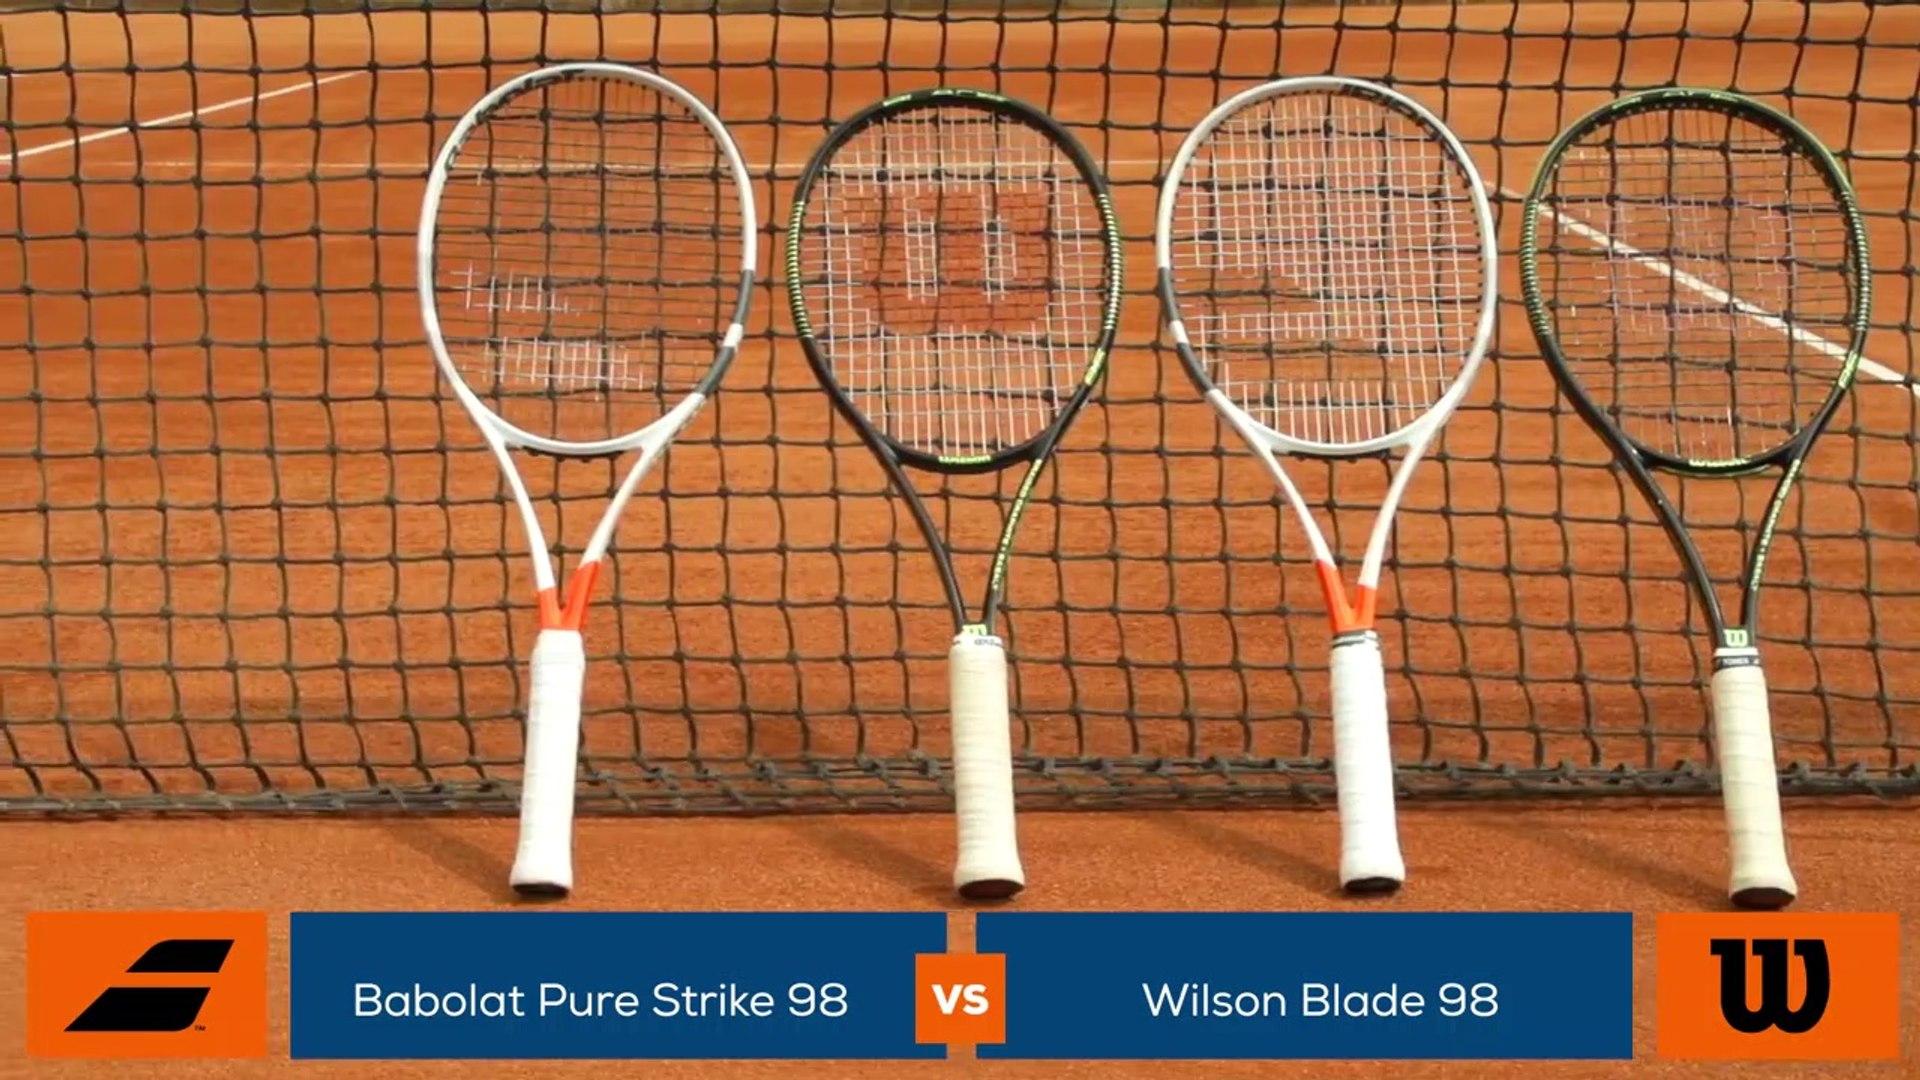 Tennis Test Matériel - On a testé pour vous la Wilson Blade 98 et la Babolat Pure Strike 98